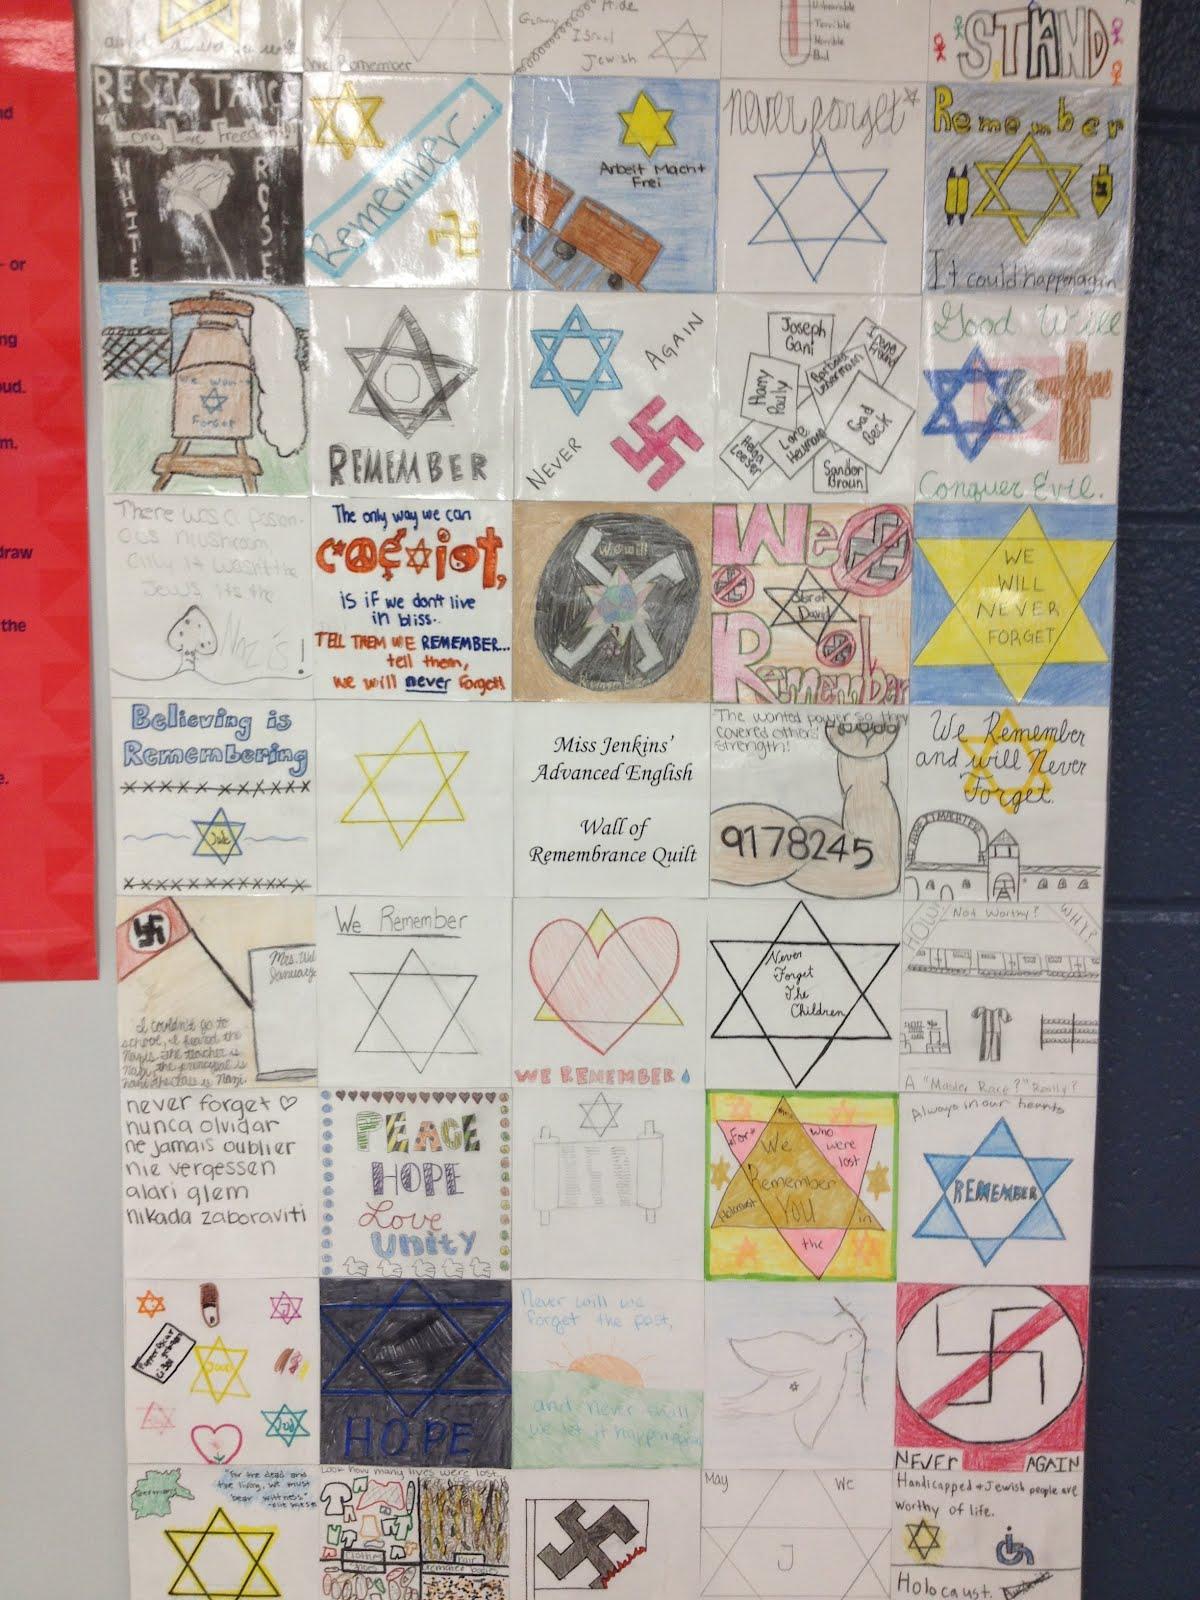 Holocaust essay contest